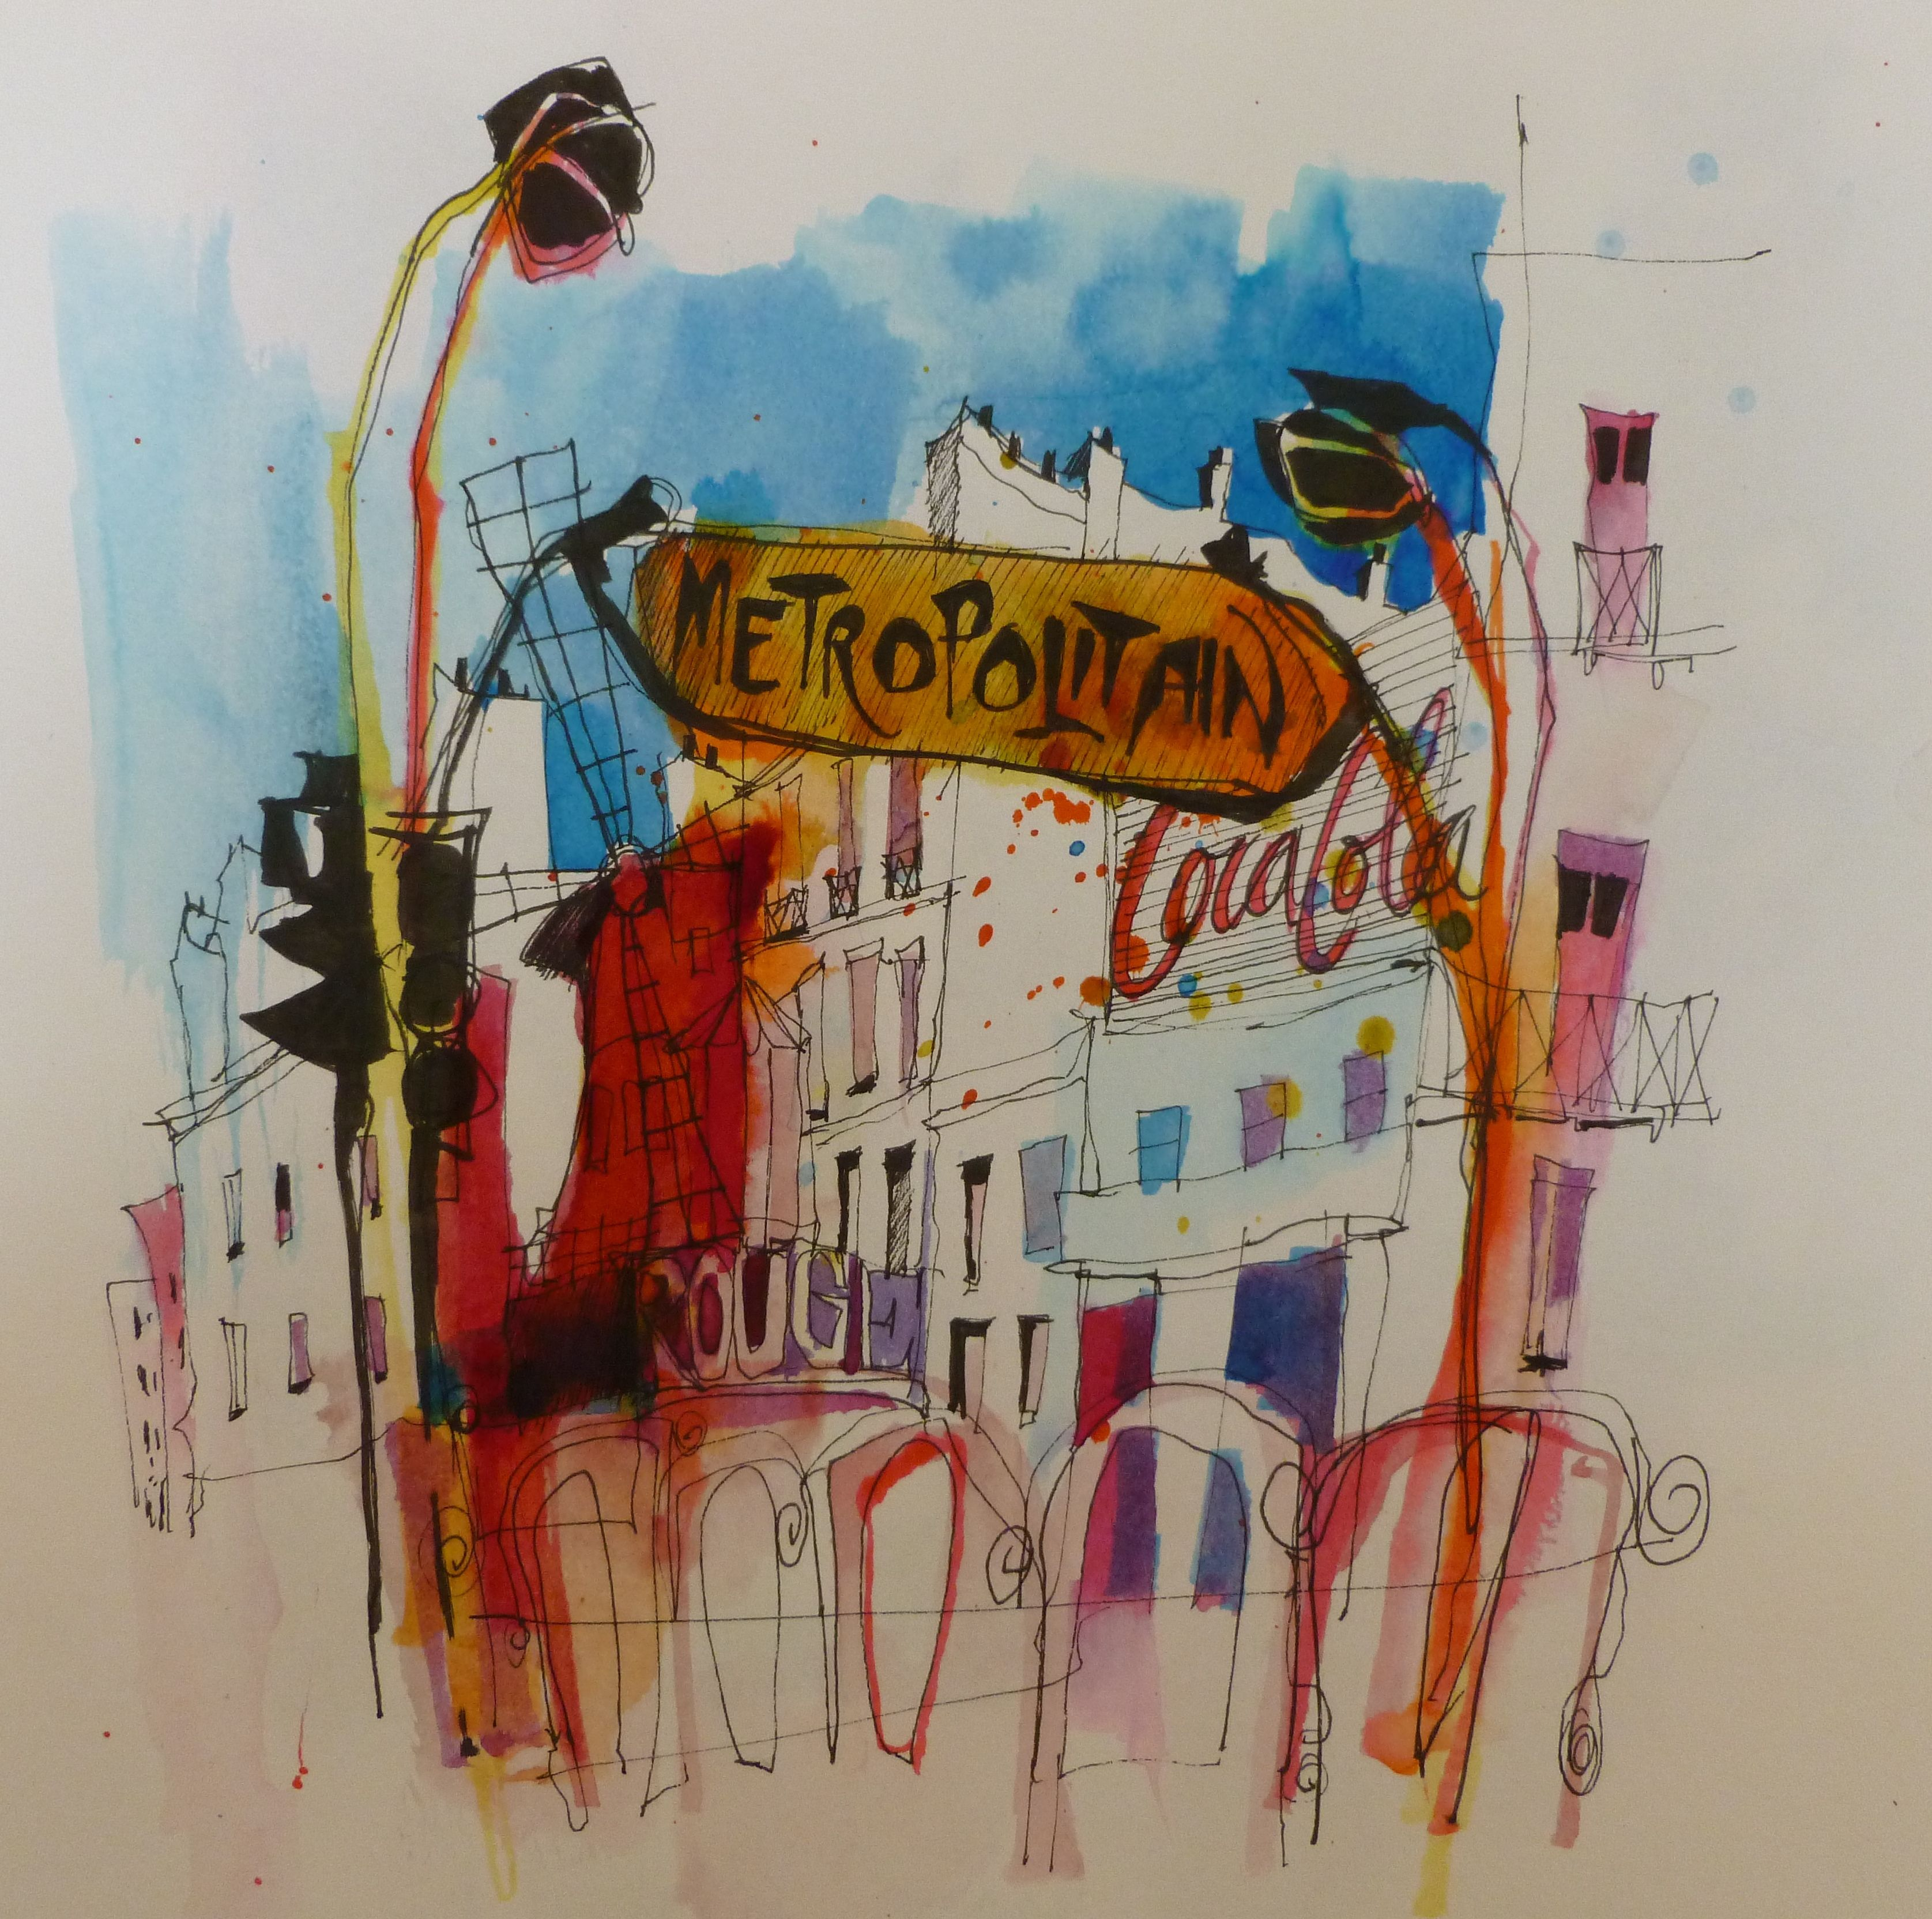 Moulin Rouge Paris Watercolor Illustration Painting